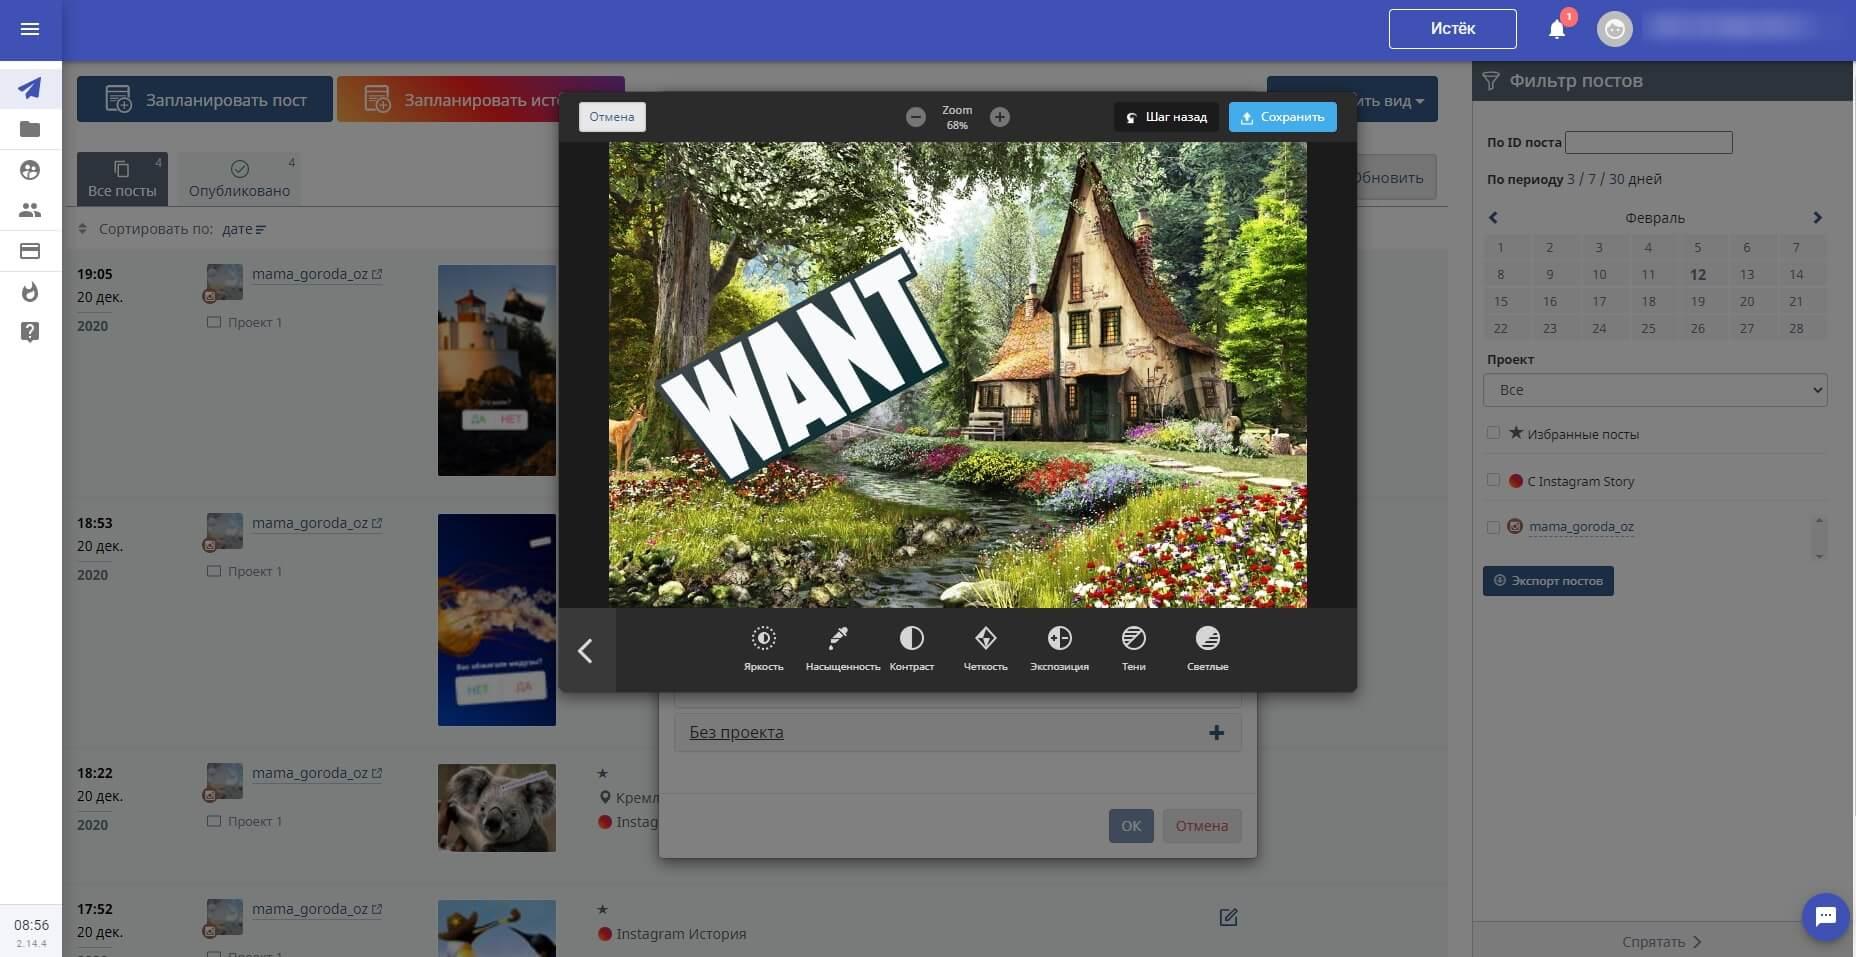 Сервис предоставляет не только настройки самих постов, но и обширные фильтры для редактирования фотографий